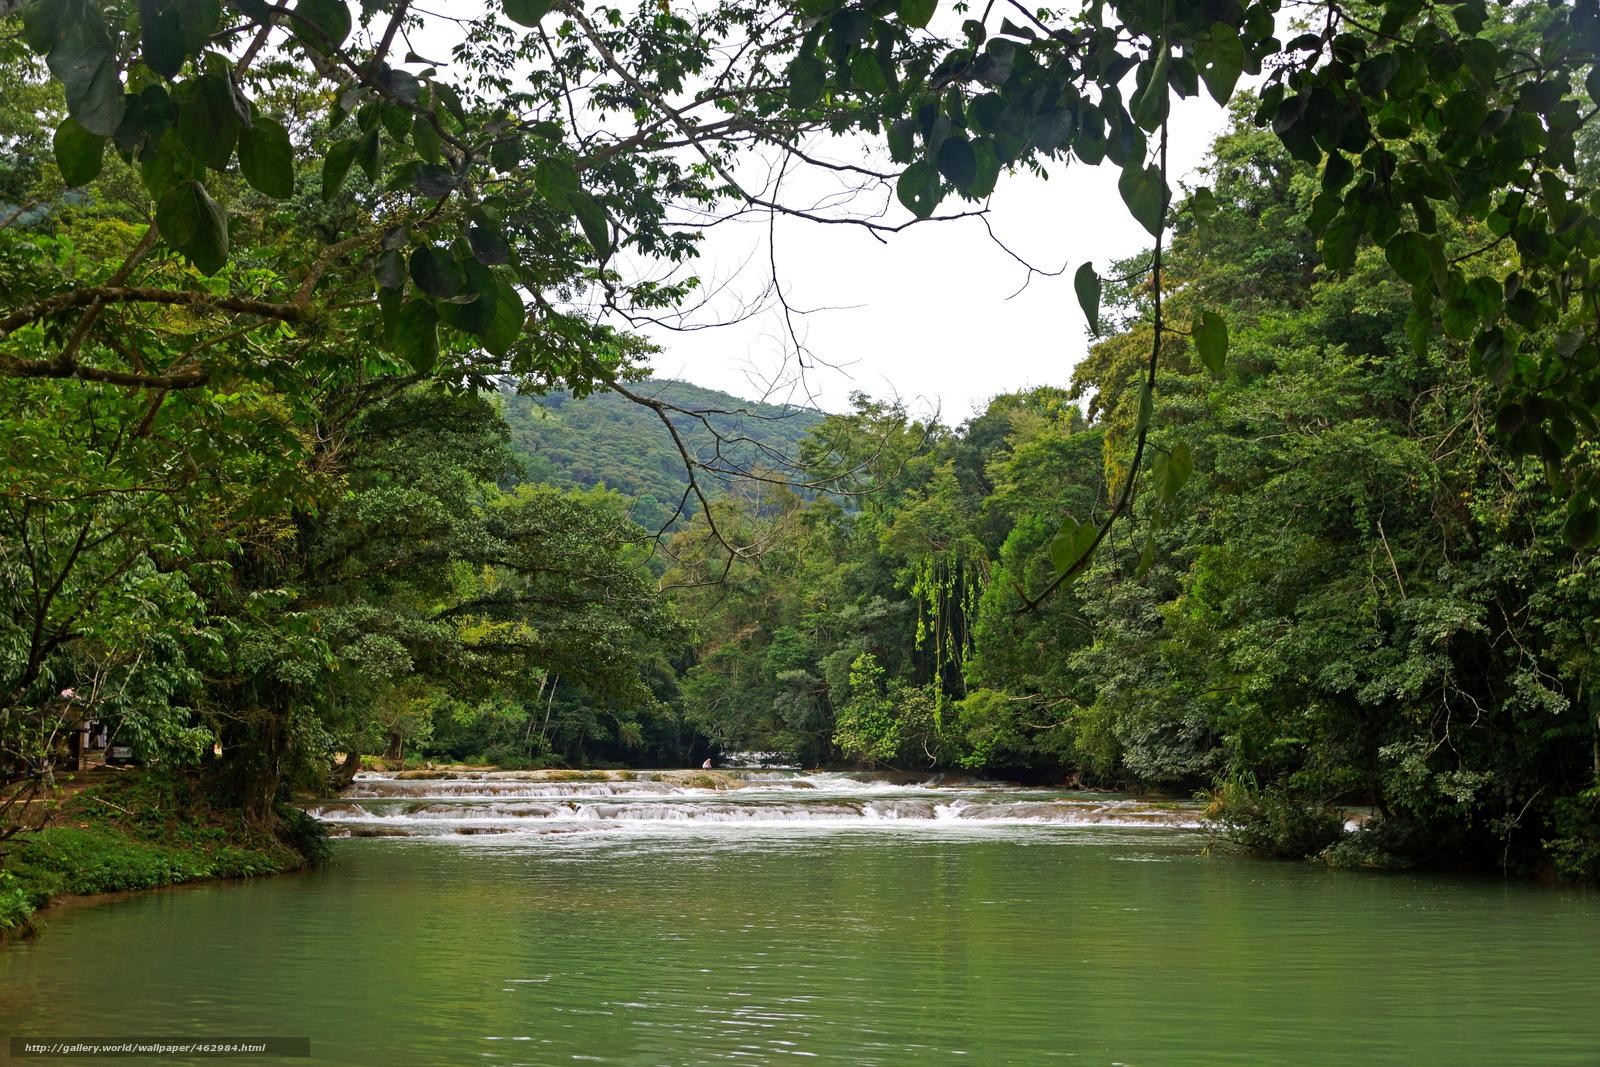 Скачать обои Река,  agua azul,  Мексика,  Чьяпас бесплатно для рабочего стола в разрешении 2895x1930 — картинка №462984